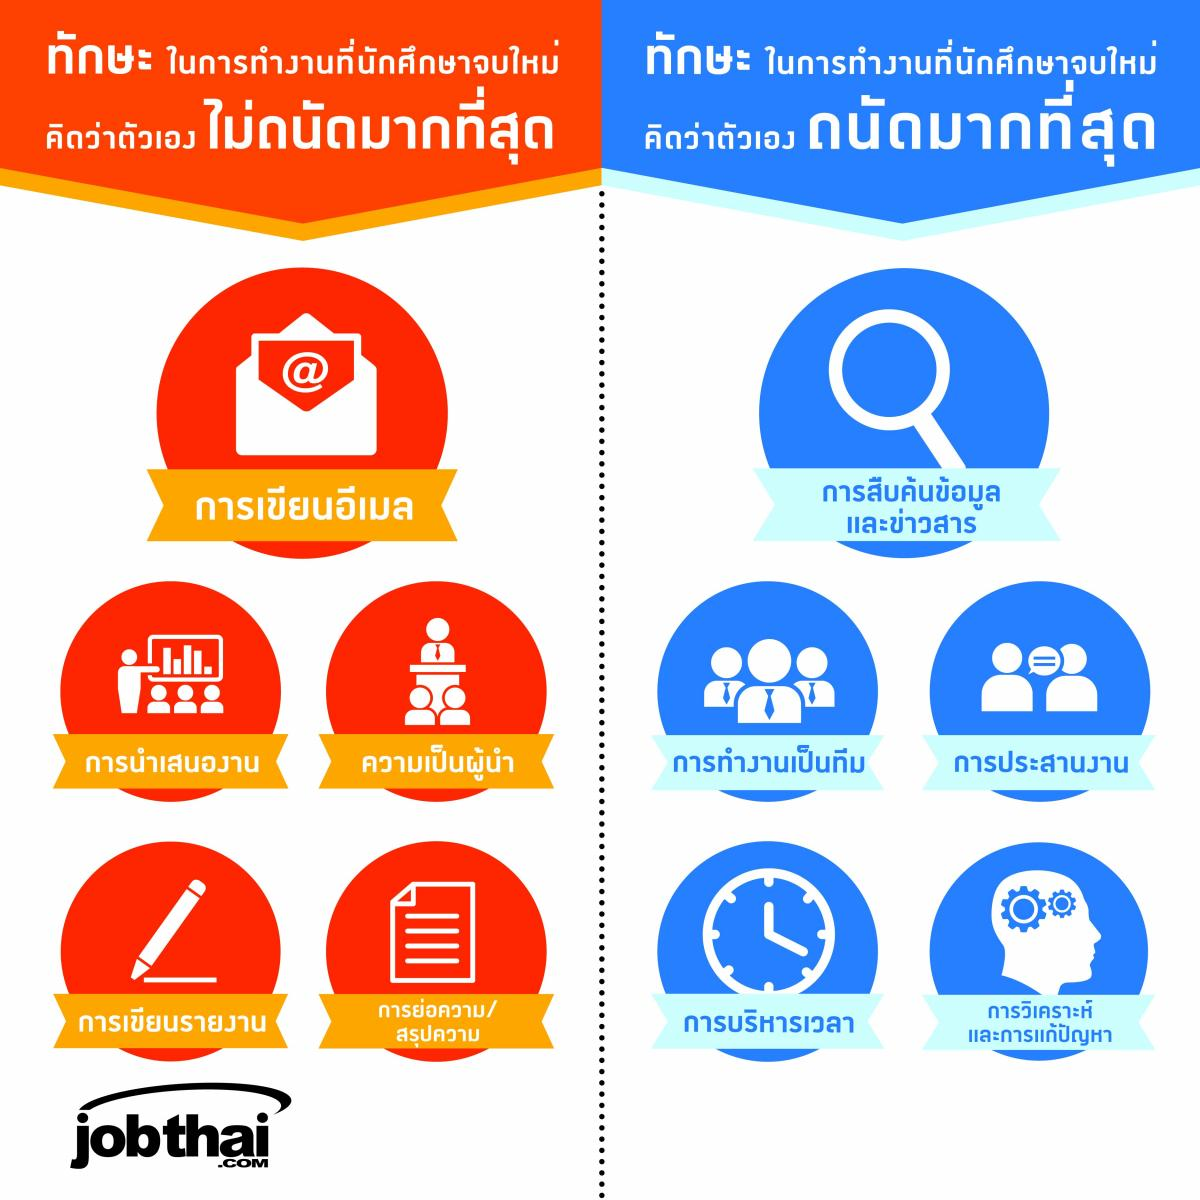 """พบนักศึกษาไทยไม่ถนัดทักษะ """"การนำเสนองาน"""" และ """"ความเป็นผู้นำ"""""""